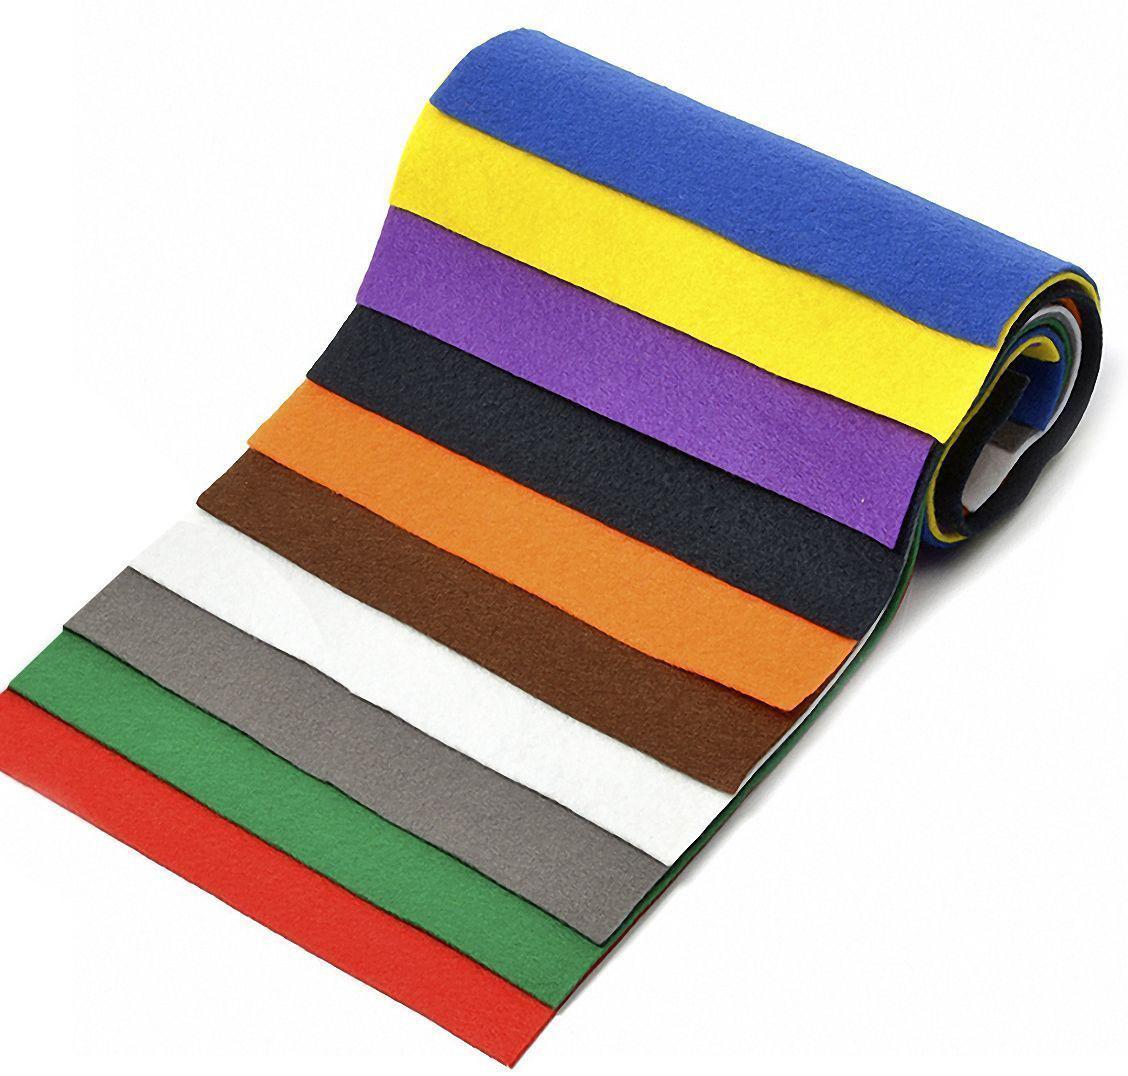 Набор листового фетра Ideal, мягкий, 1 мм, 20 х 30 см, упаковка 10 листов. TBY.FLT-SA1TBY.FLT-SA1